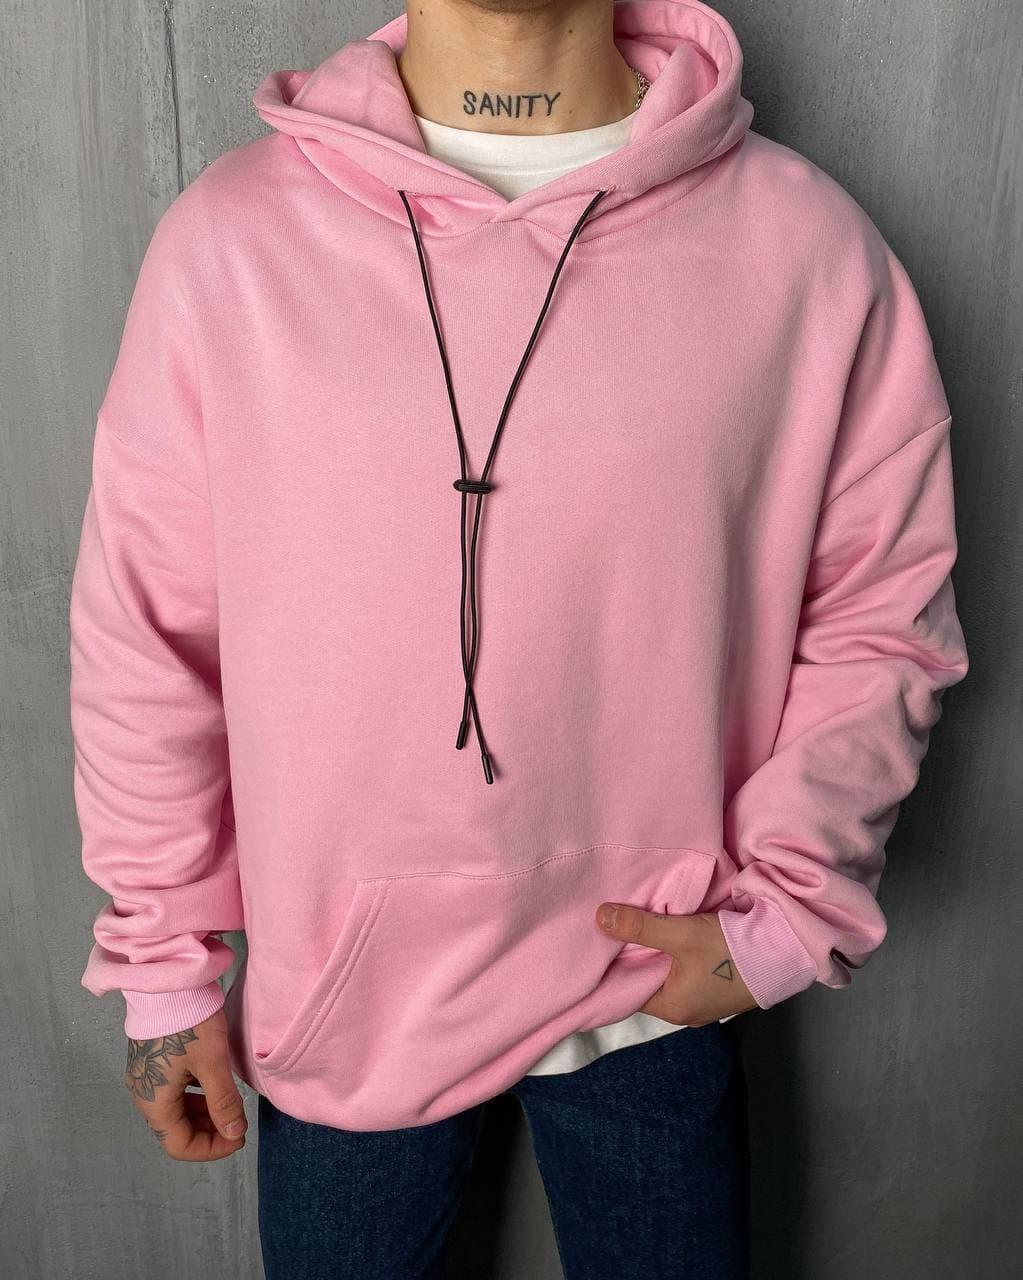 Худі - чоловіча худі стильна / чоловіча худі бавовна оверсайз рожева